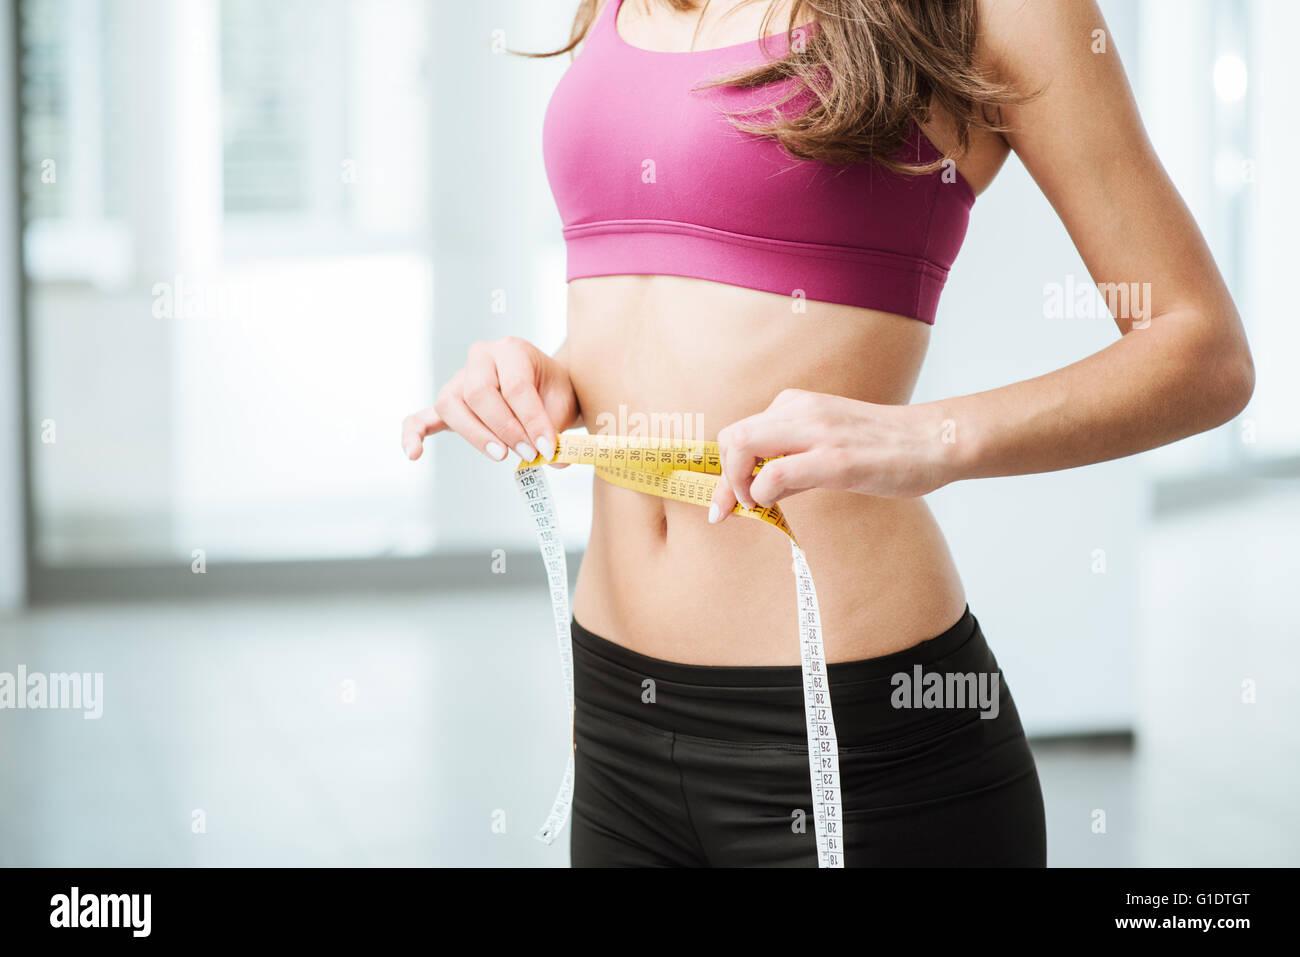 Schlanke junge Frau, die ihre dünne Taille mit einem Maßband messen, Nahaufnahme Stockbild